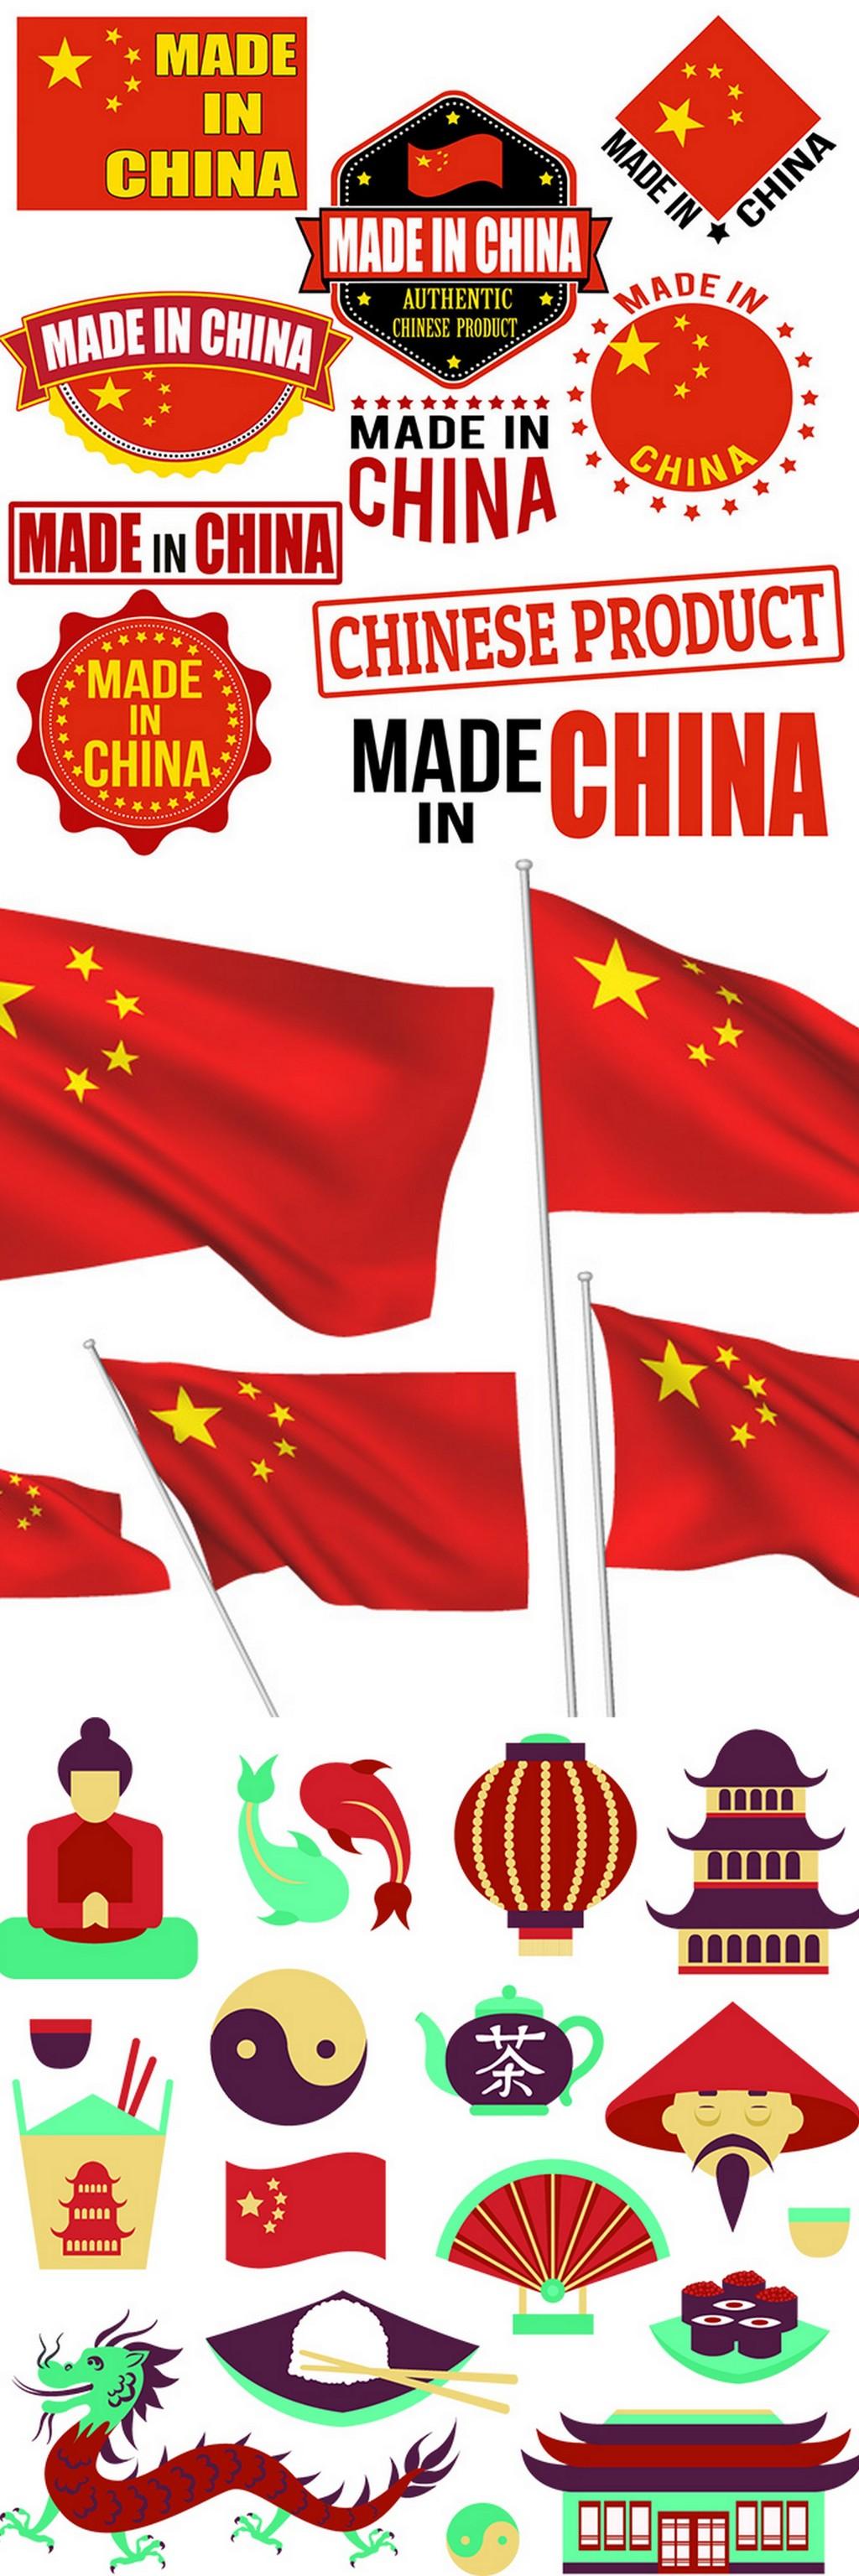 中国国旗红旗飘飘中国标准元素矢量素材